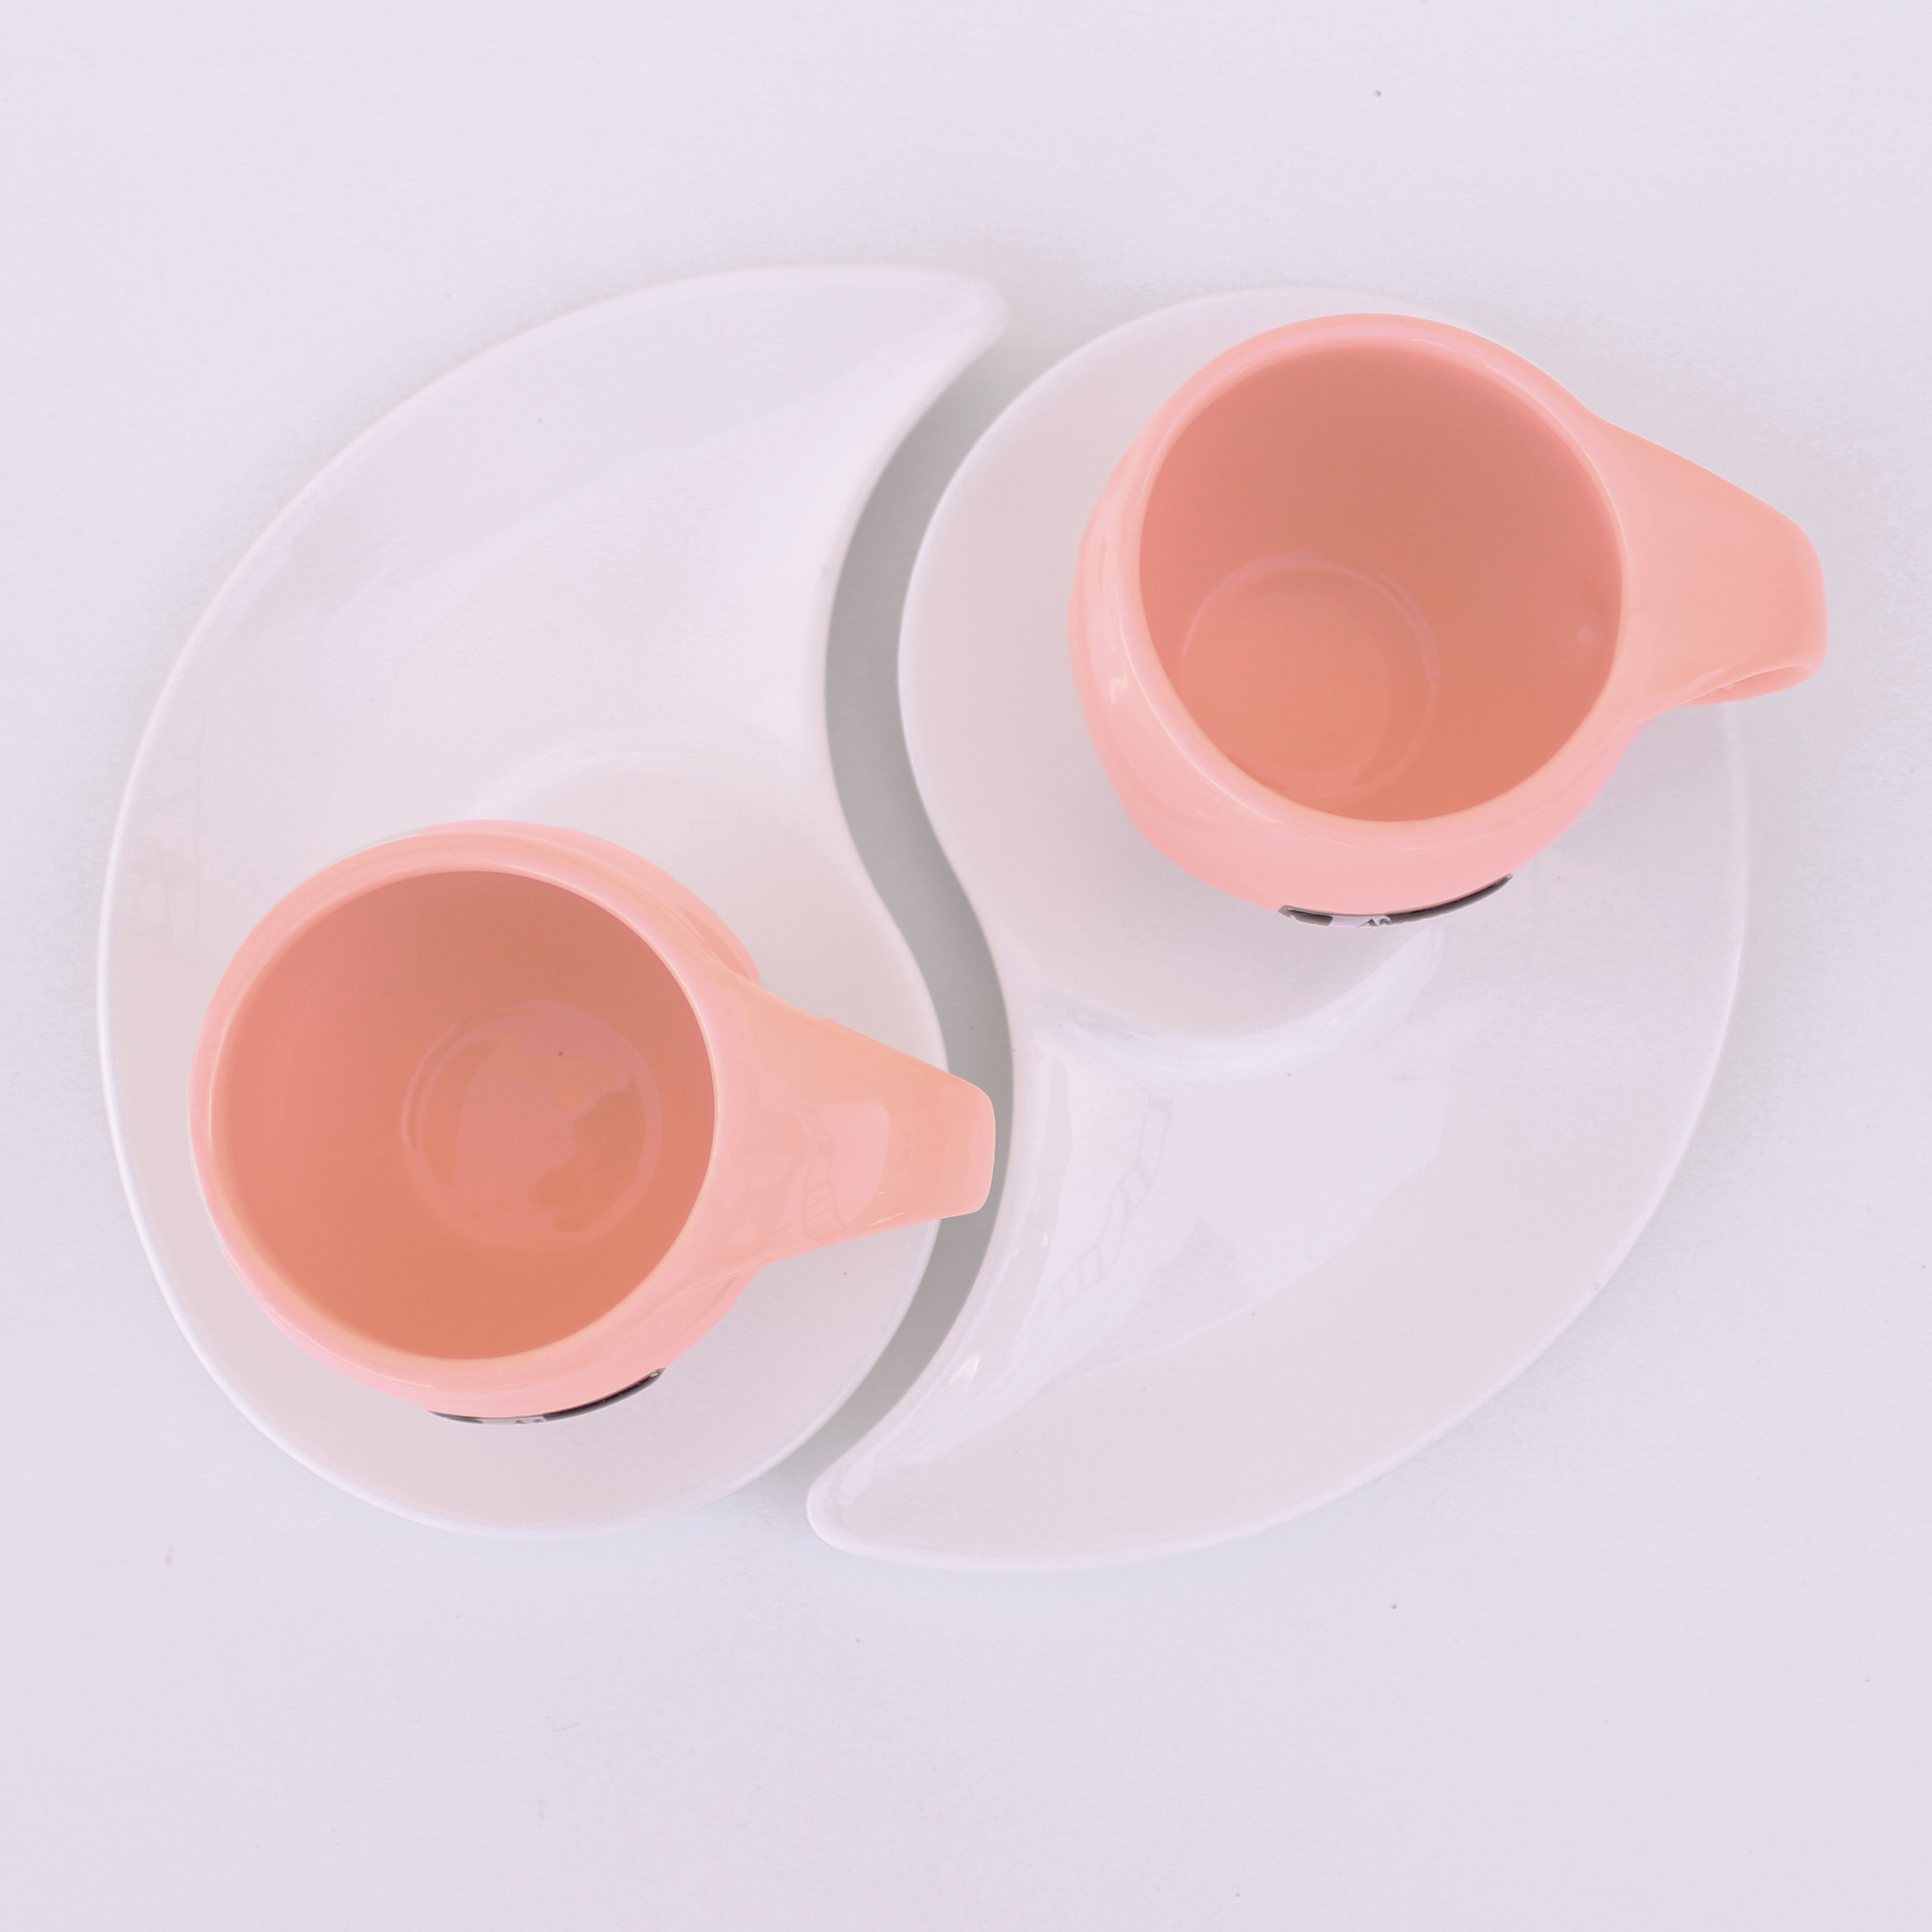 سرویس چای خوری 4 پارچه آی سرام کد 514